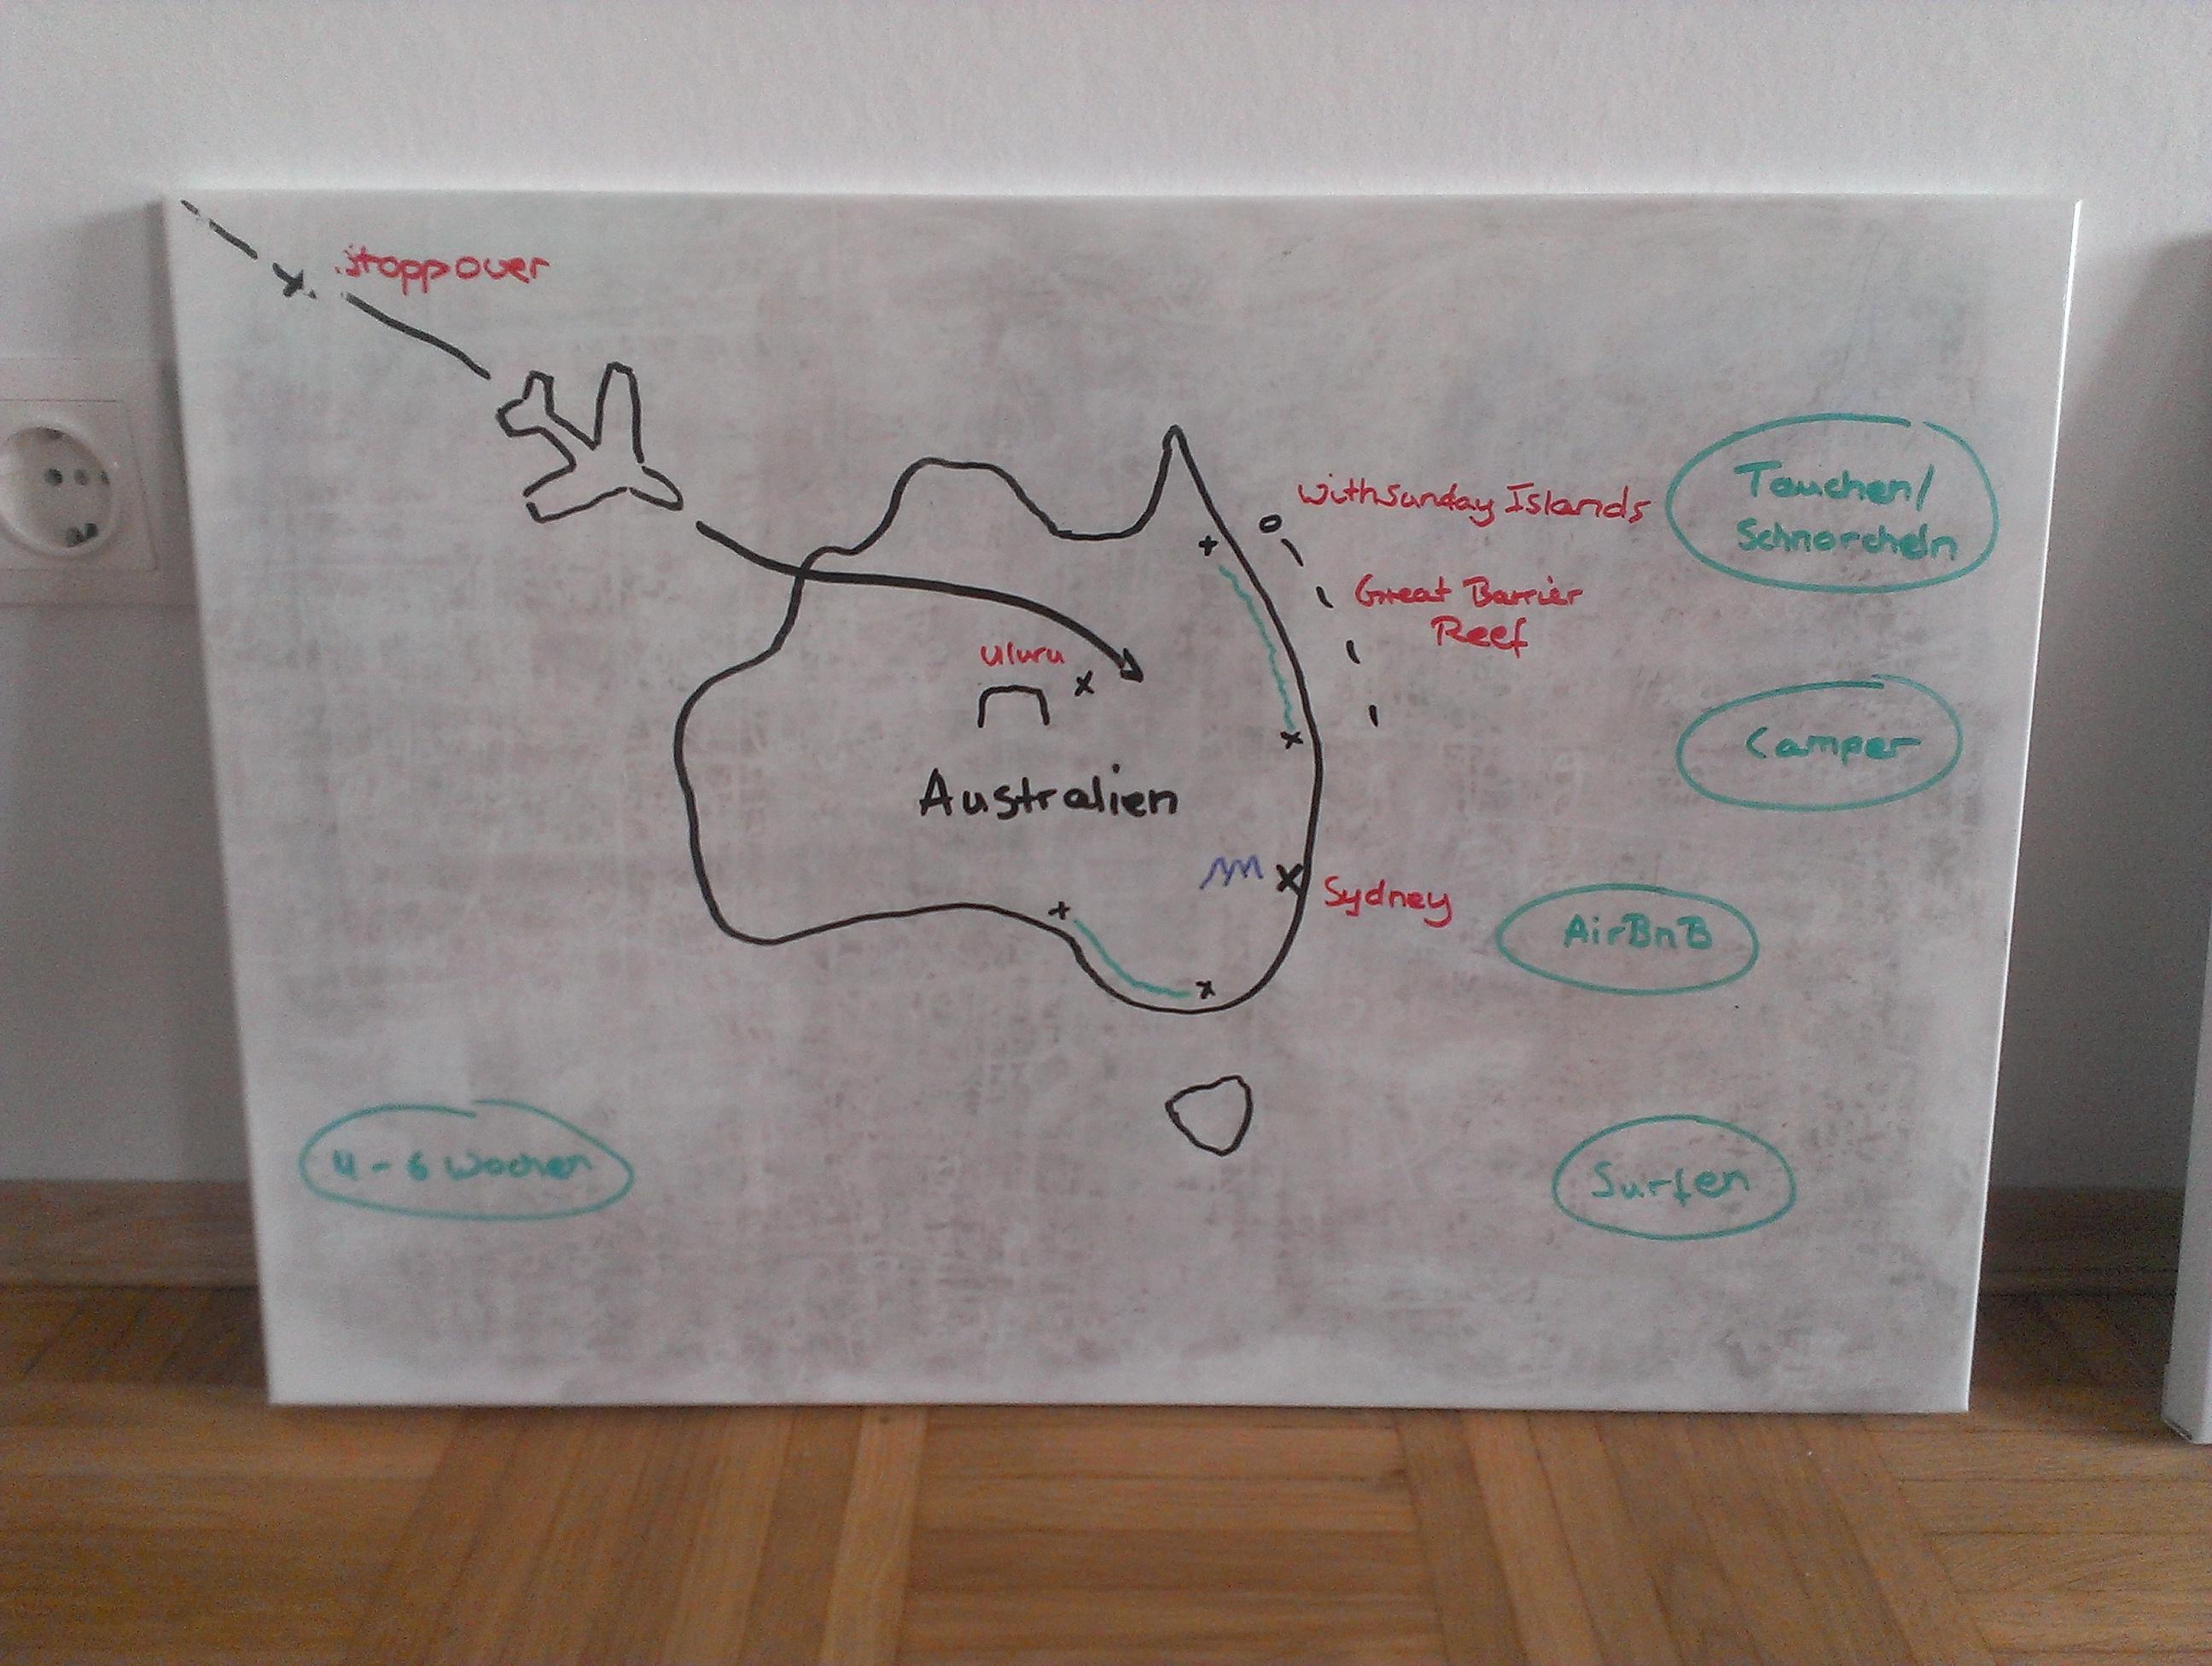 Reiseroute für Australien - Board 1